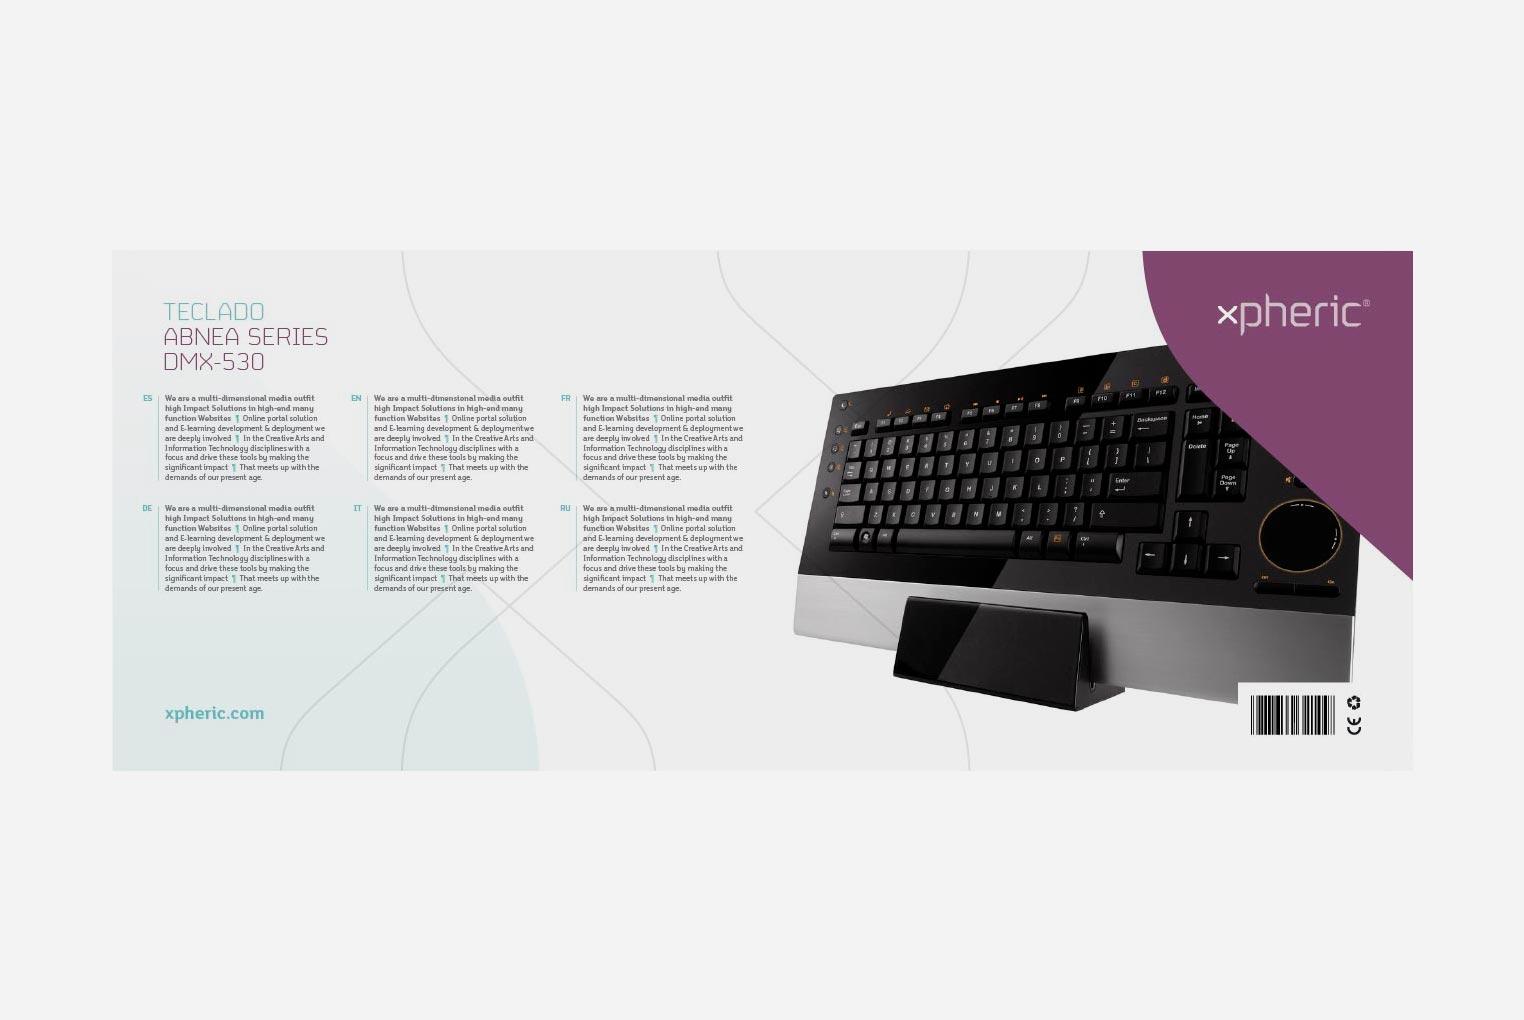 Diseño de packaging teclado xpheric reverso